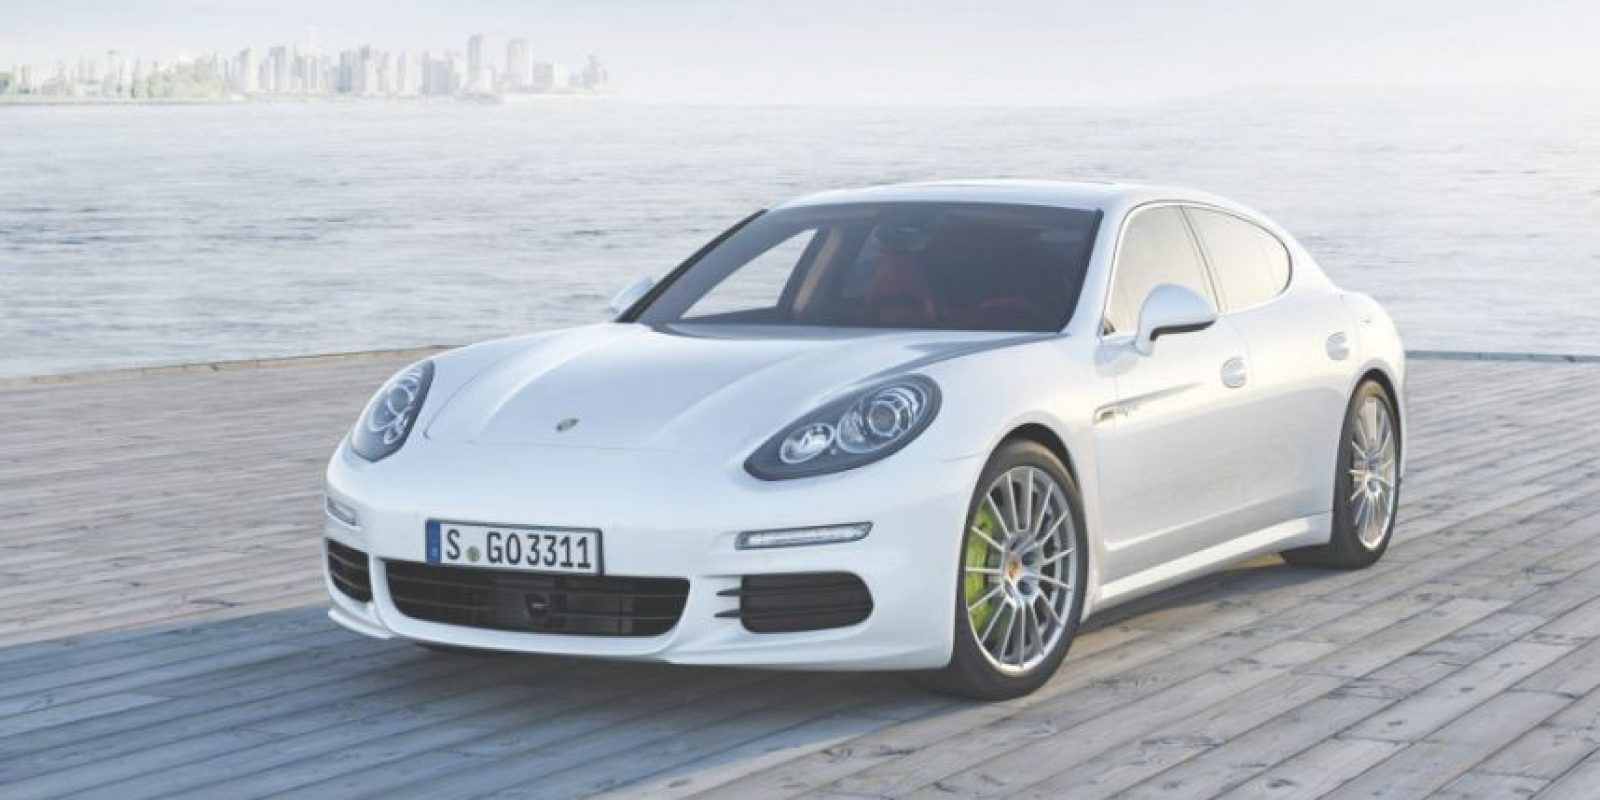 Porsche Panamera S-E Hybrid. Está propulsado por un motor V6 sobrealimentado ayudado de un eléctrico, y puede alcanzar los 135 kilómetros por hora sin necesidad de utilizar el motor de gasolina reduciendo a cero las emisiones contaminantes. Precio: poco más de 130 mil dólares.